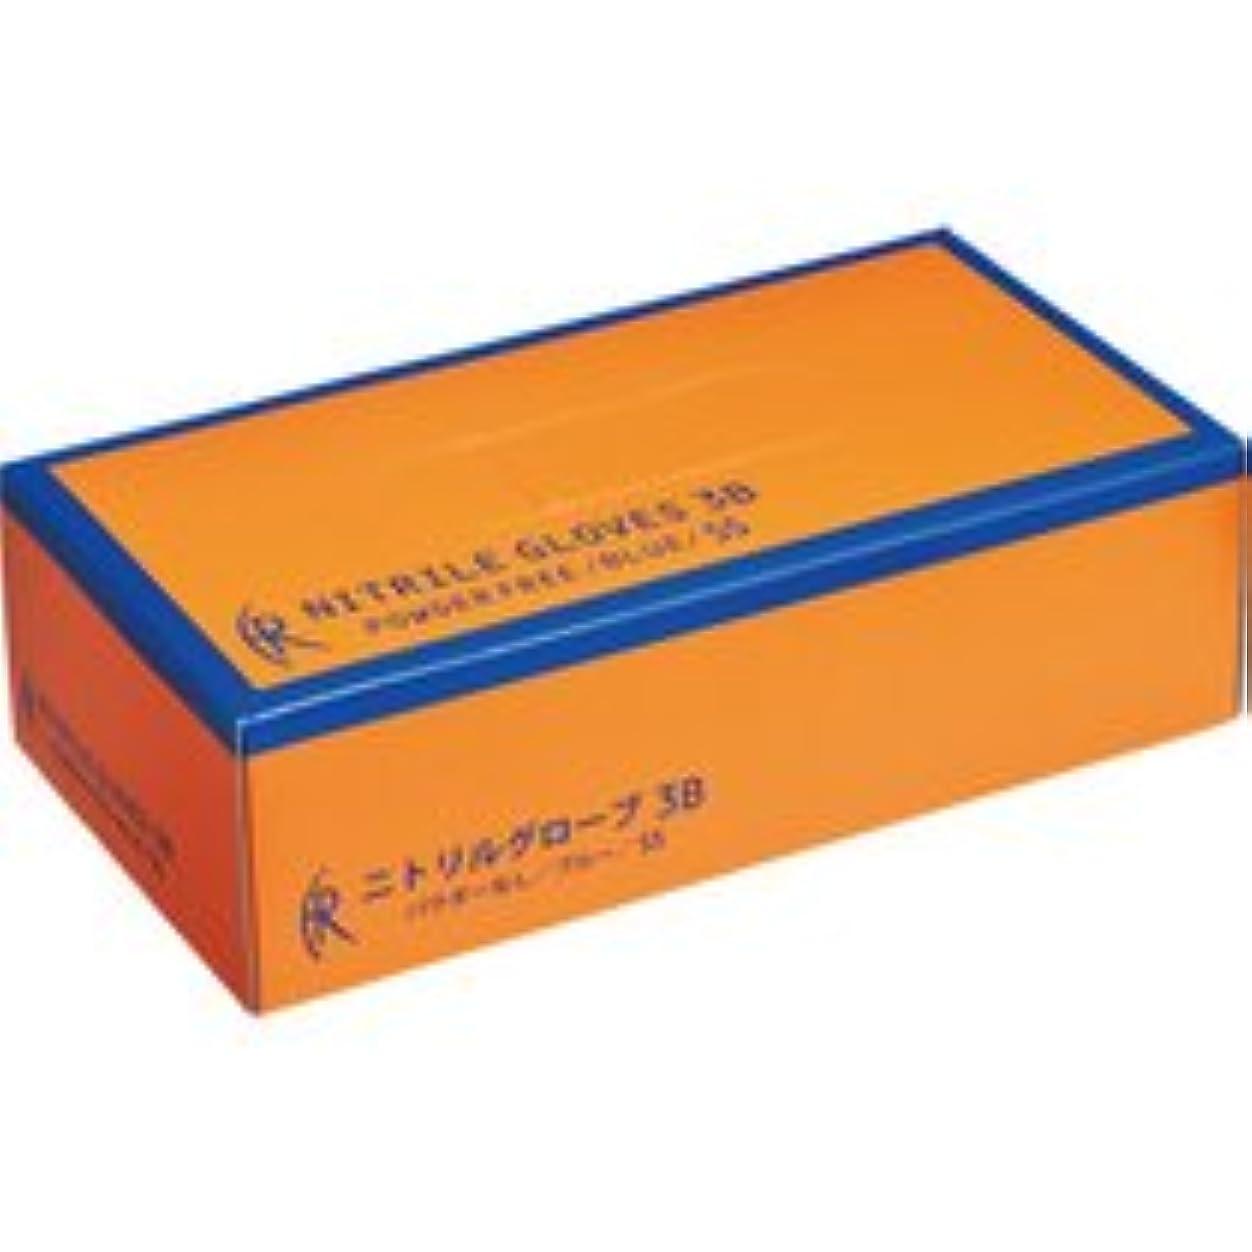 ツールスピリチュアル作るファーストレイト ニトリルグローブ3B パウダーフリー SS FR-5660 1セット(2000枚:200枚×10箱)